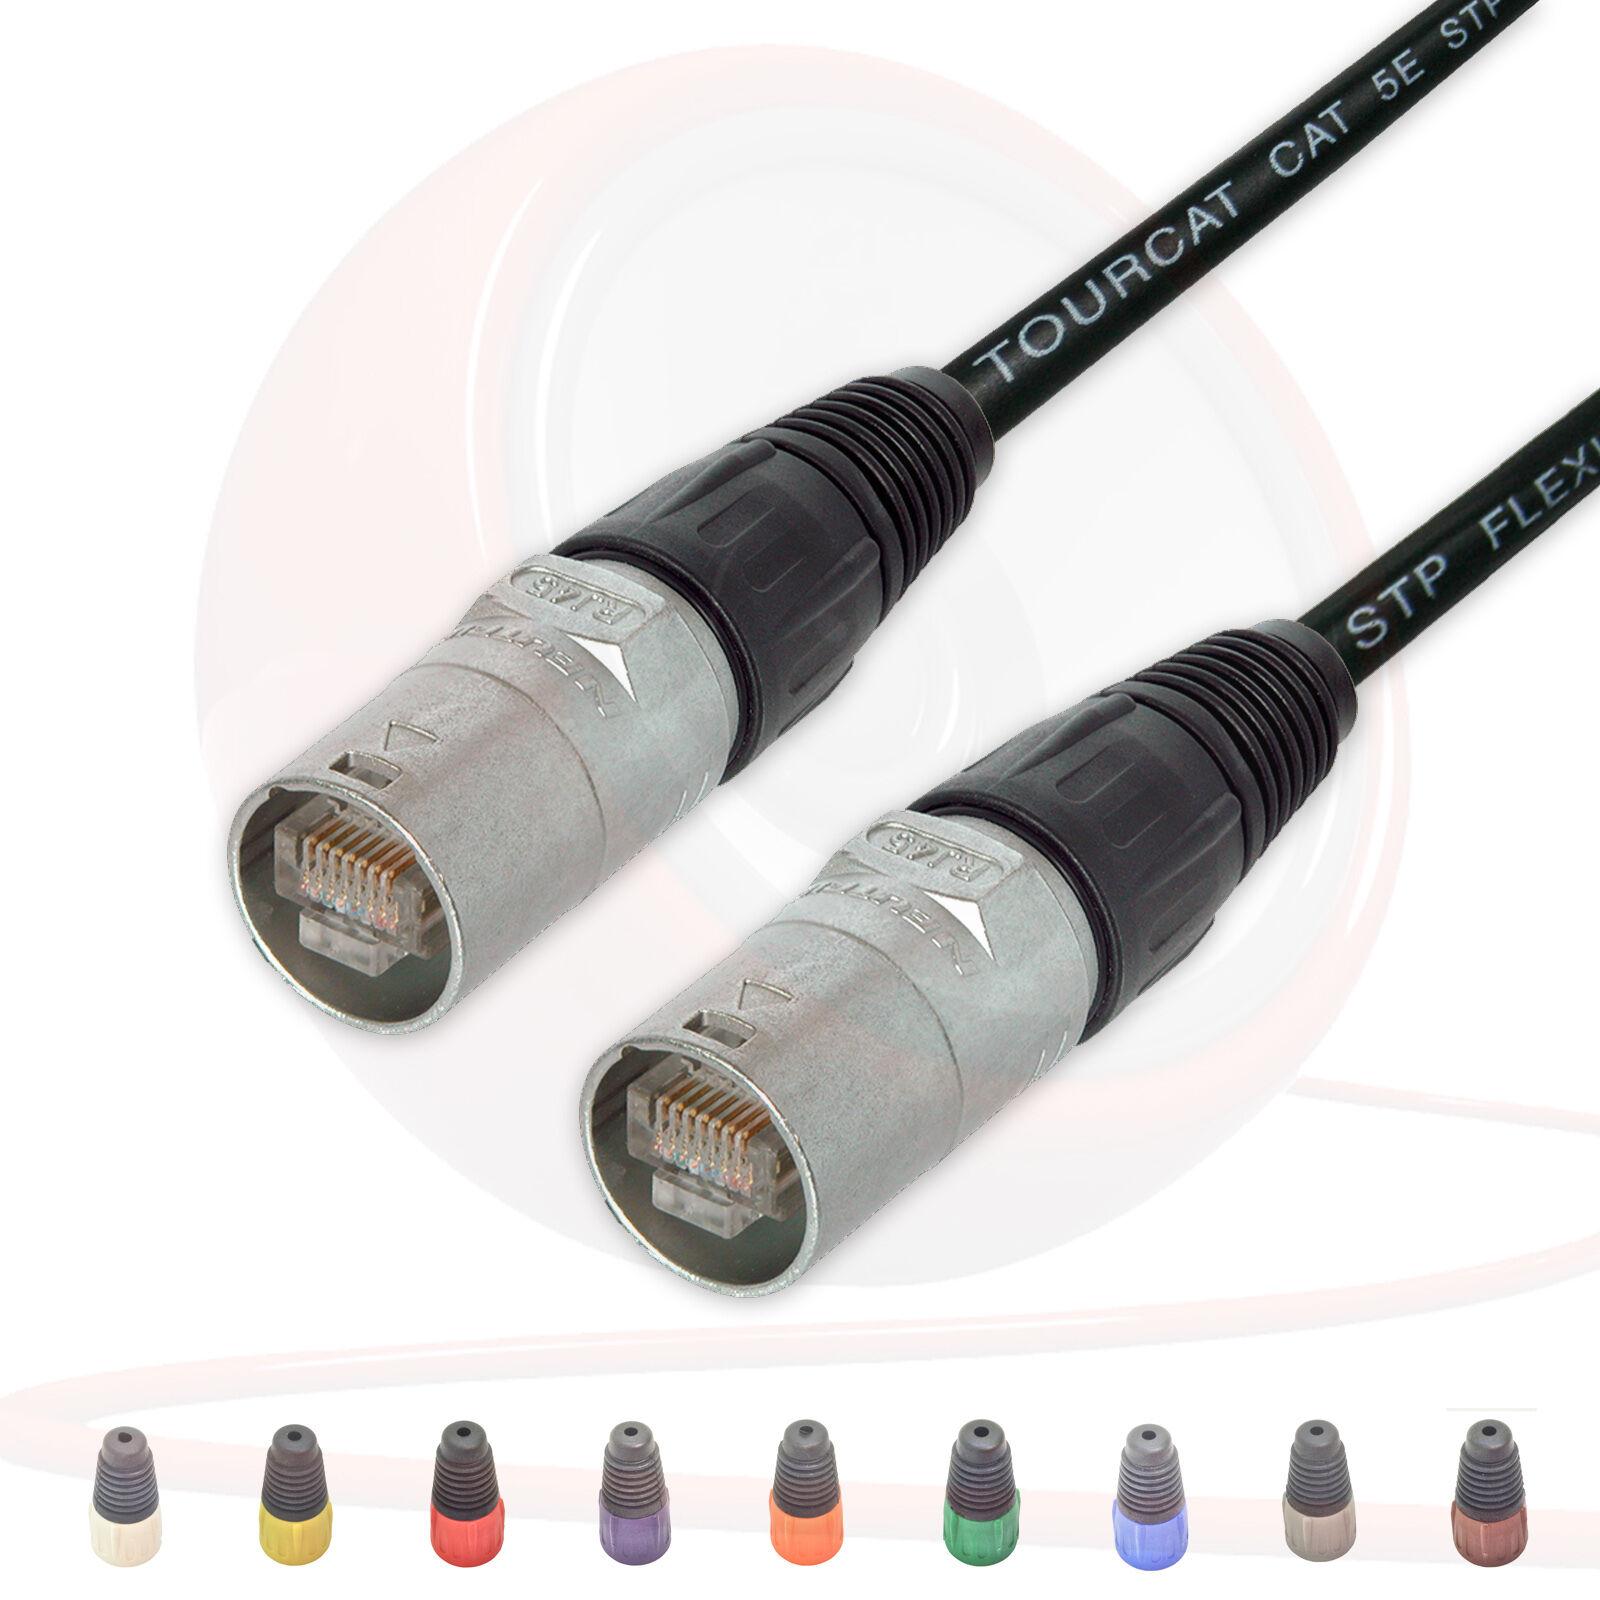 Flexible Cat 5 Wire : Flexible van damme cat e ethercon lead neutrik ne mc